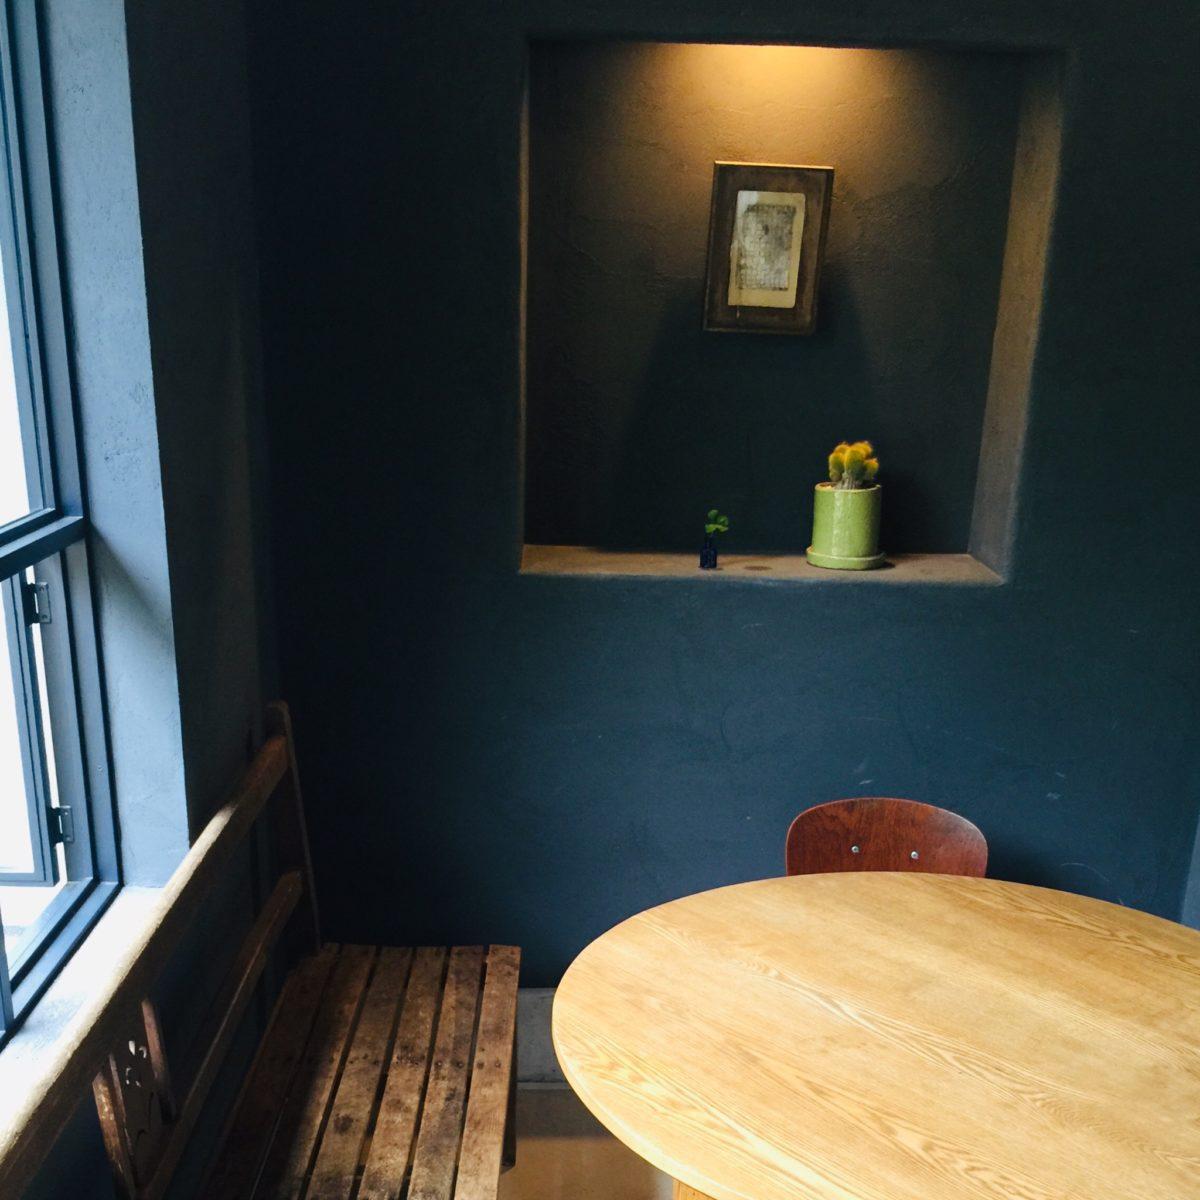 NICE TIME CAFEのラウンドテーブル席